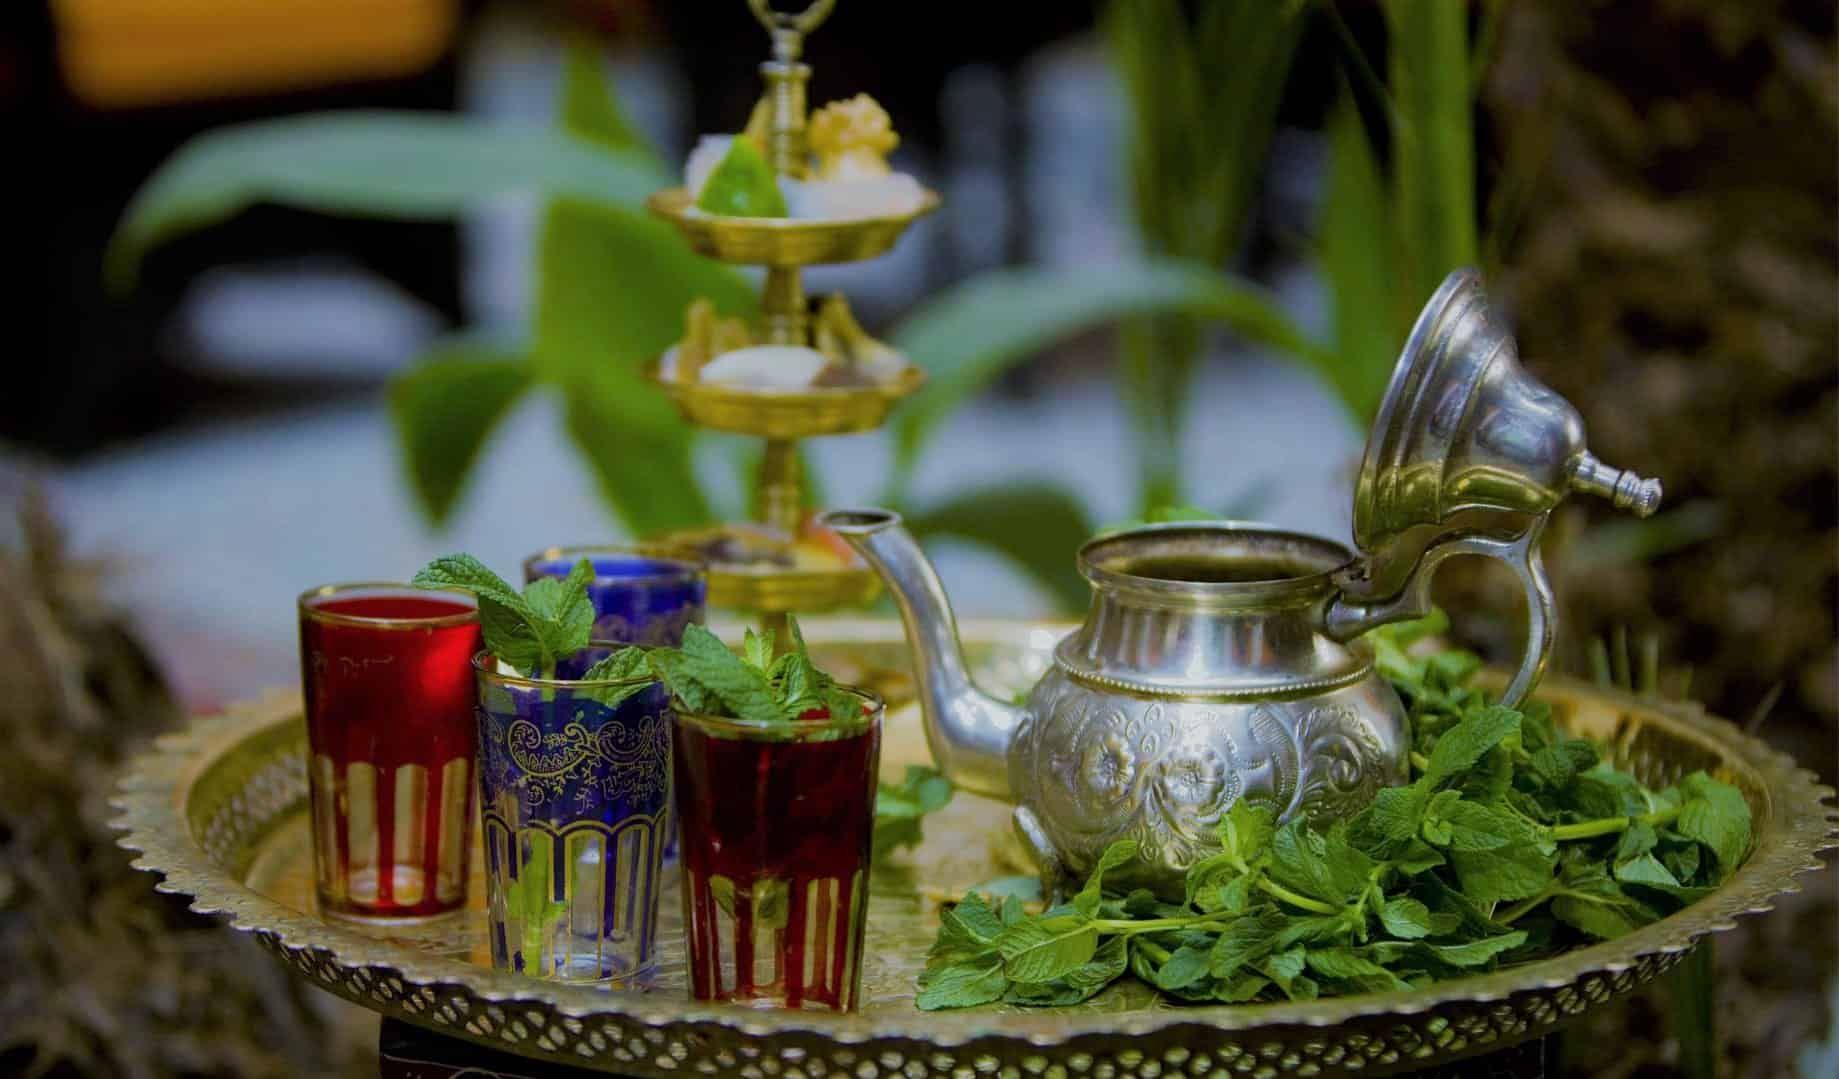 طريقة تحضير الشاي المغربي Table Decorations Decor Home Decor